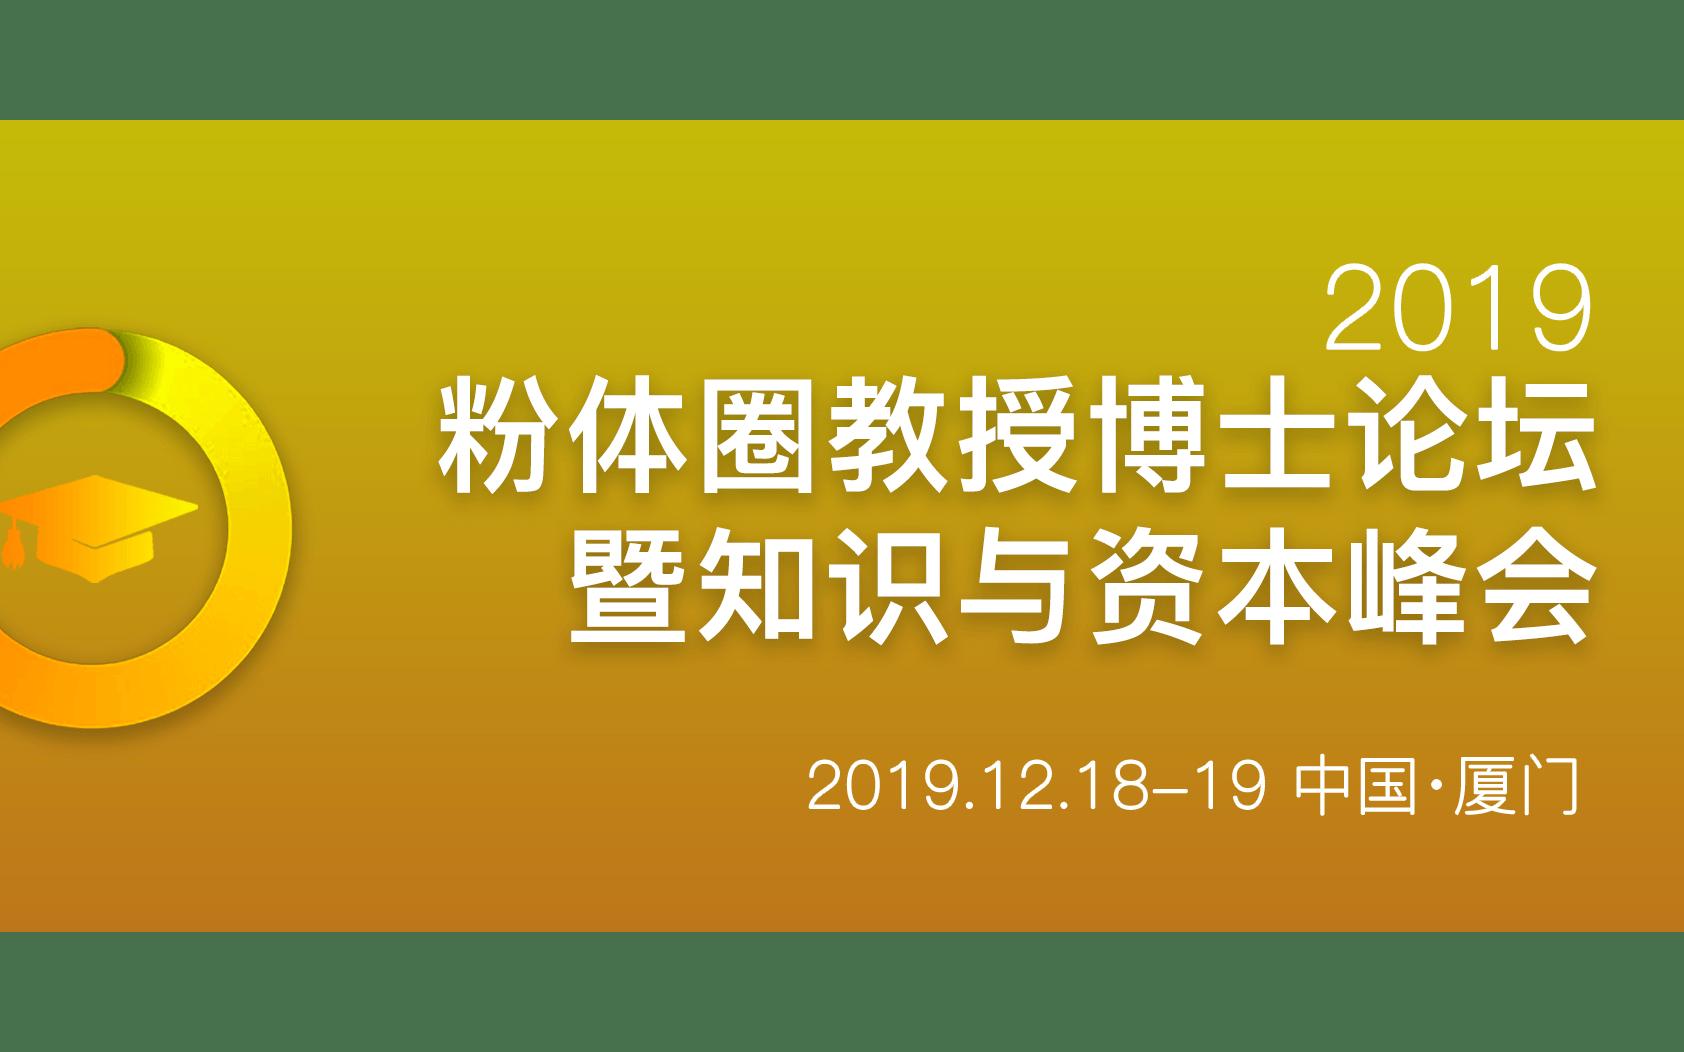 2019粉体圈教授、博士论坛暨知识与资本峰会(厦门)